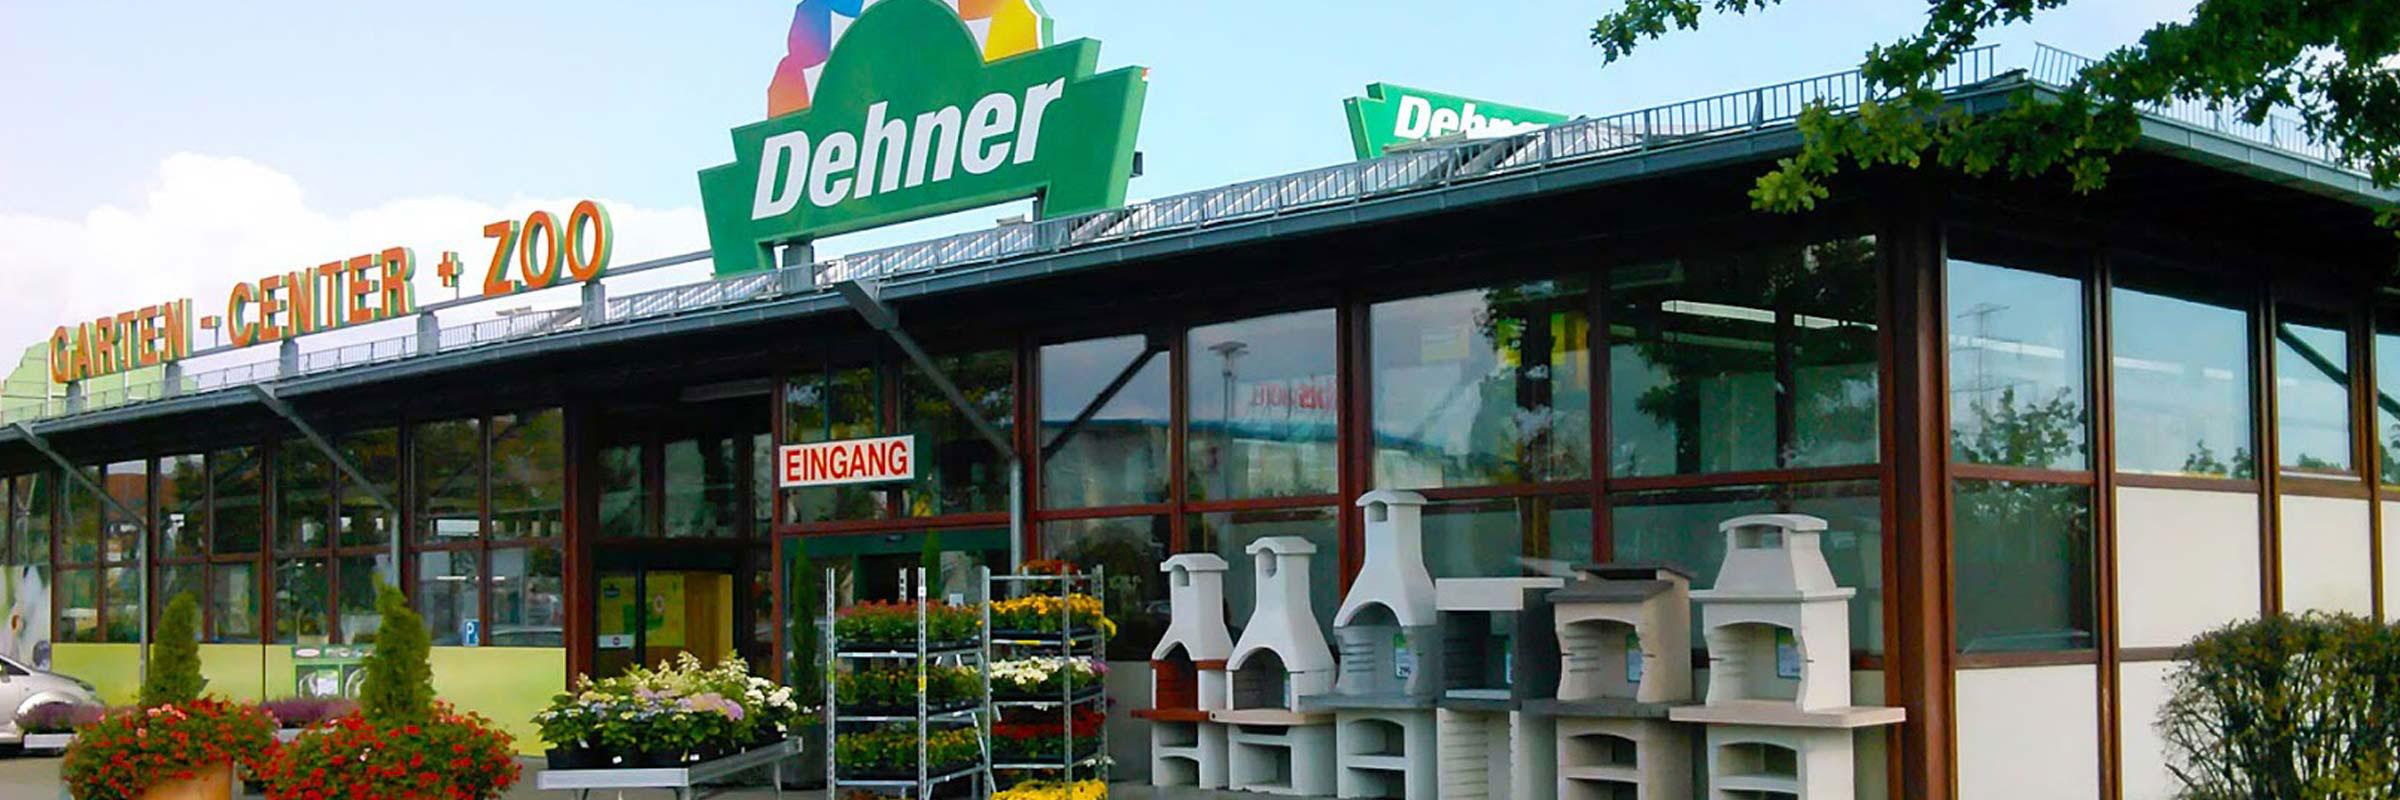 Dehner Garten Center In Taucha Dehner